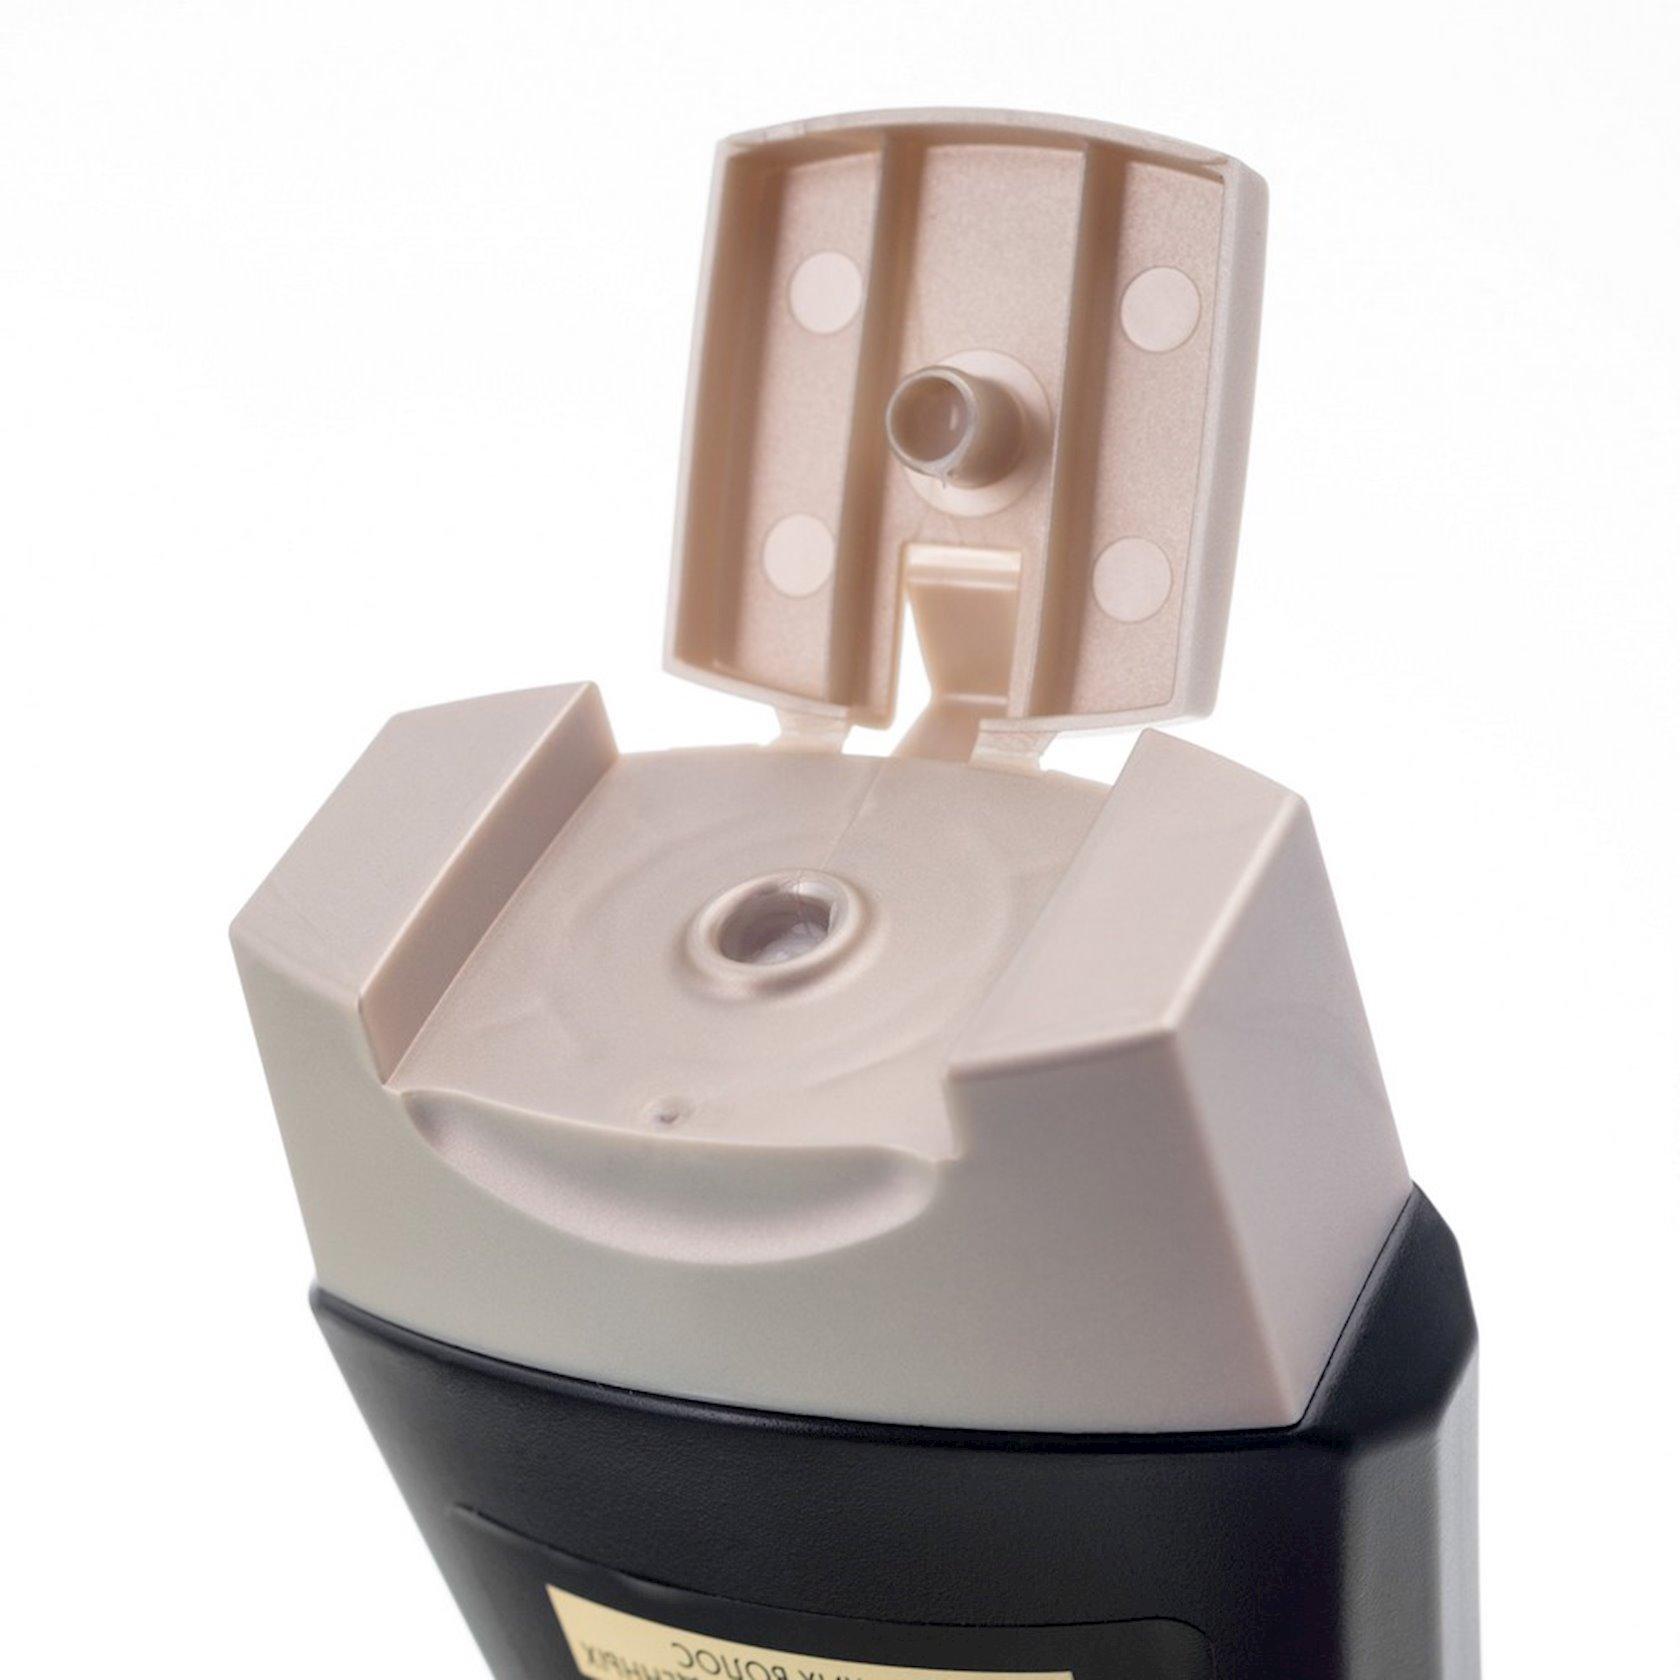 Şampun Gliss Kur  Ekstremal bırpaedici, zədələnmiş və quru saçlar üçün 250 ml